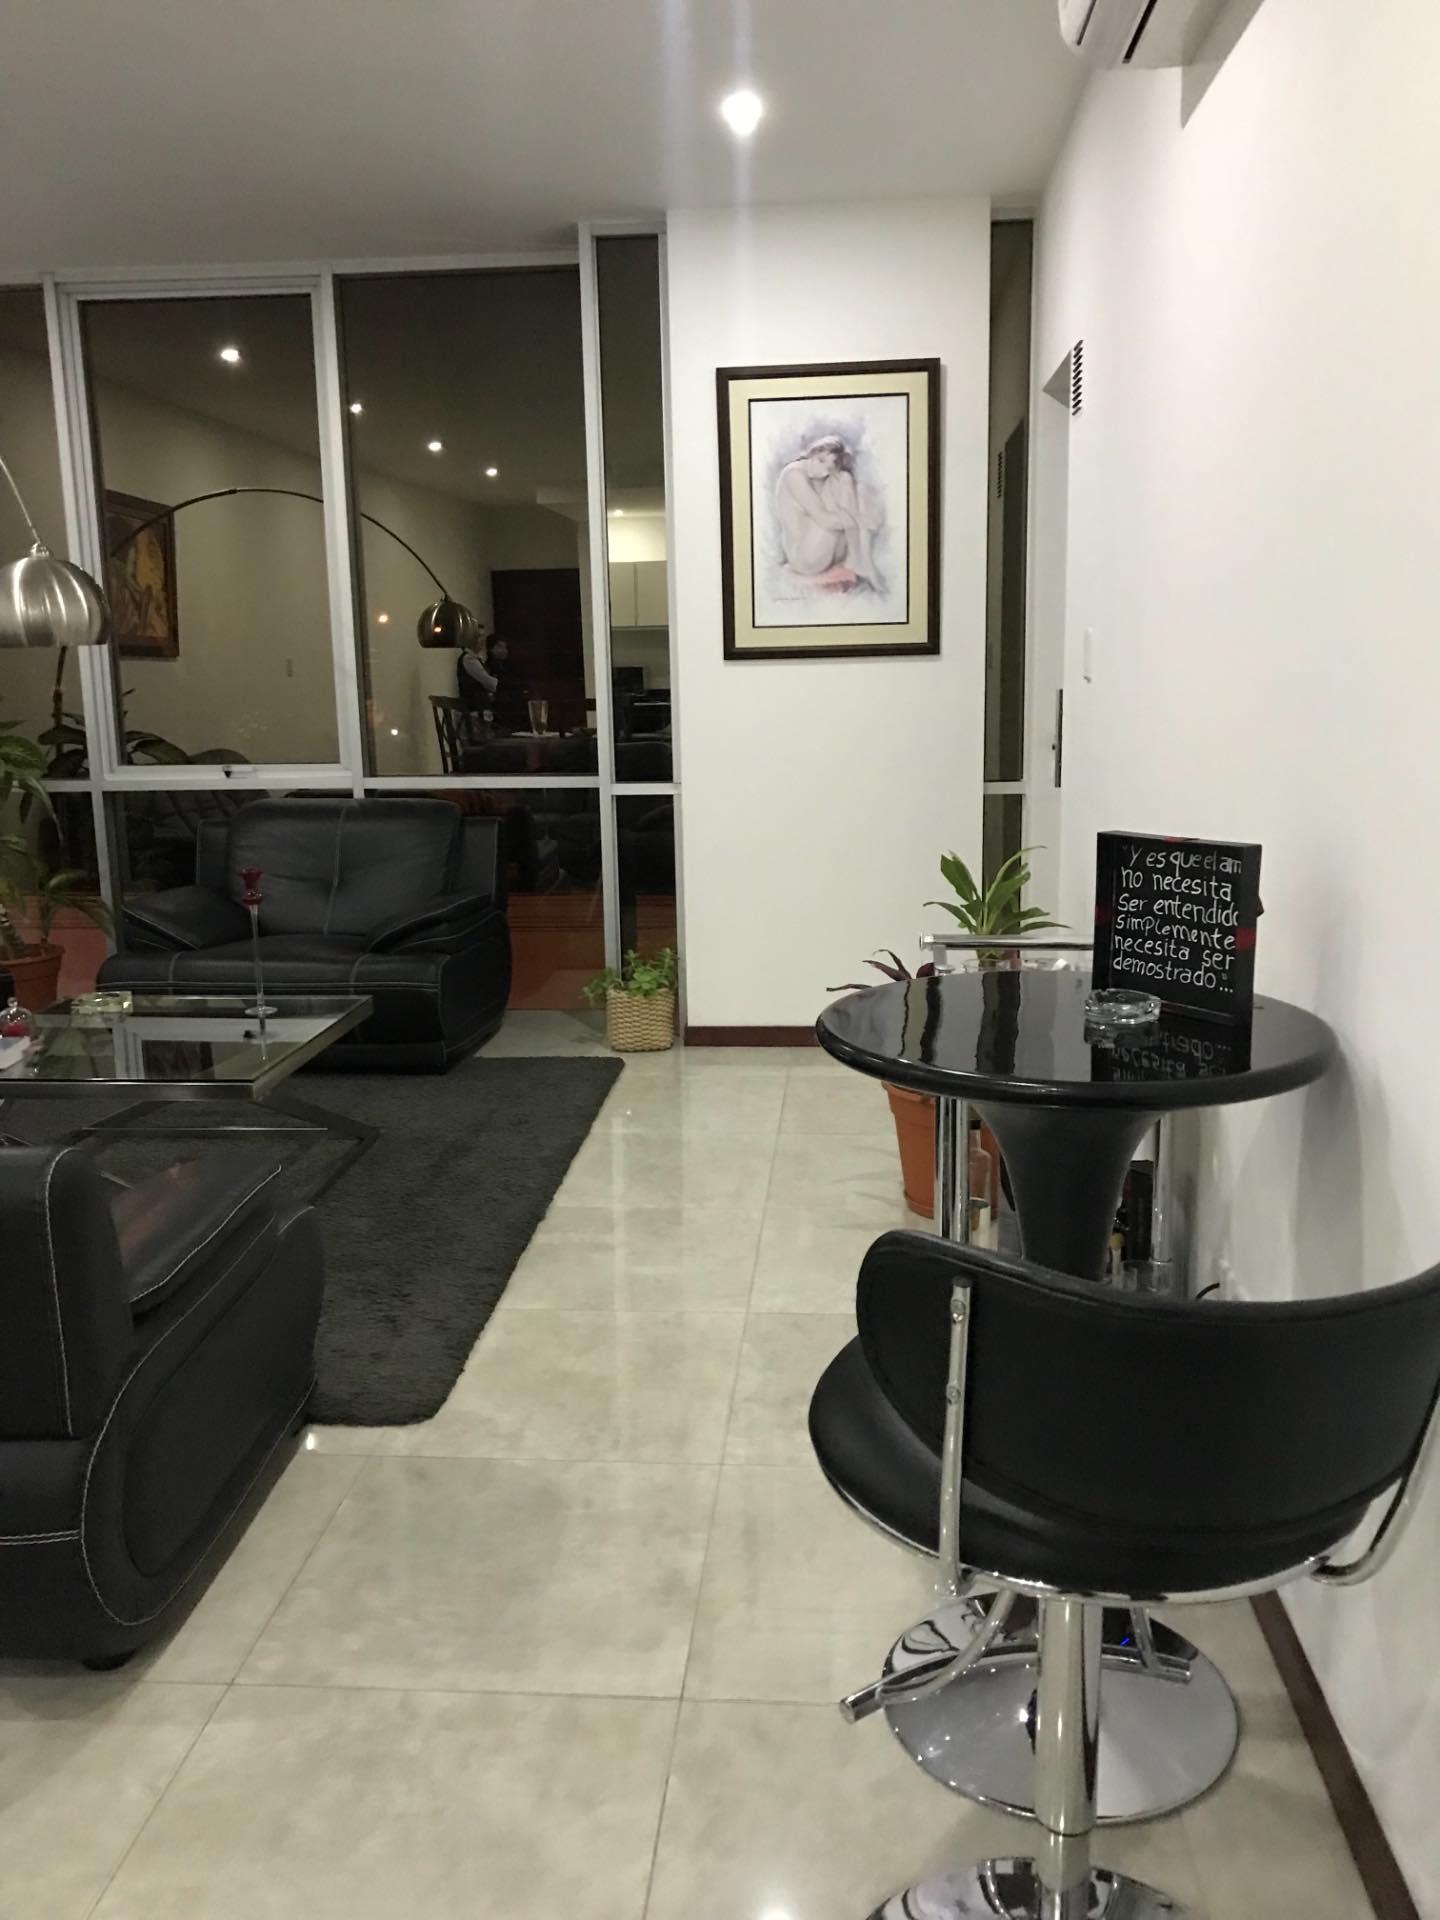 Departamento en Alquiler En exclusivo condominio zona Barrio Las Palmas  Foto 2